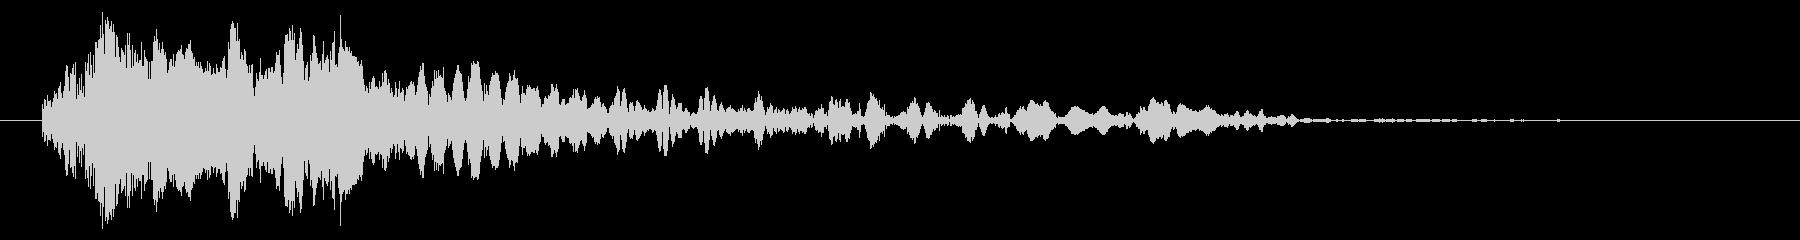 クイックアークストップヒット2の未再生の波形